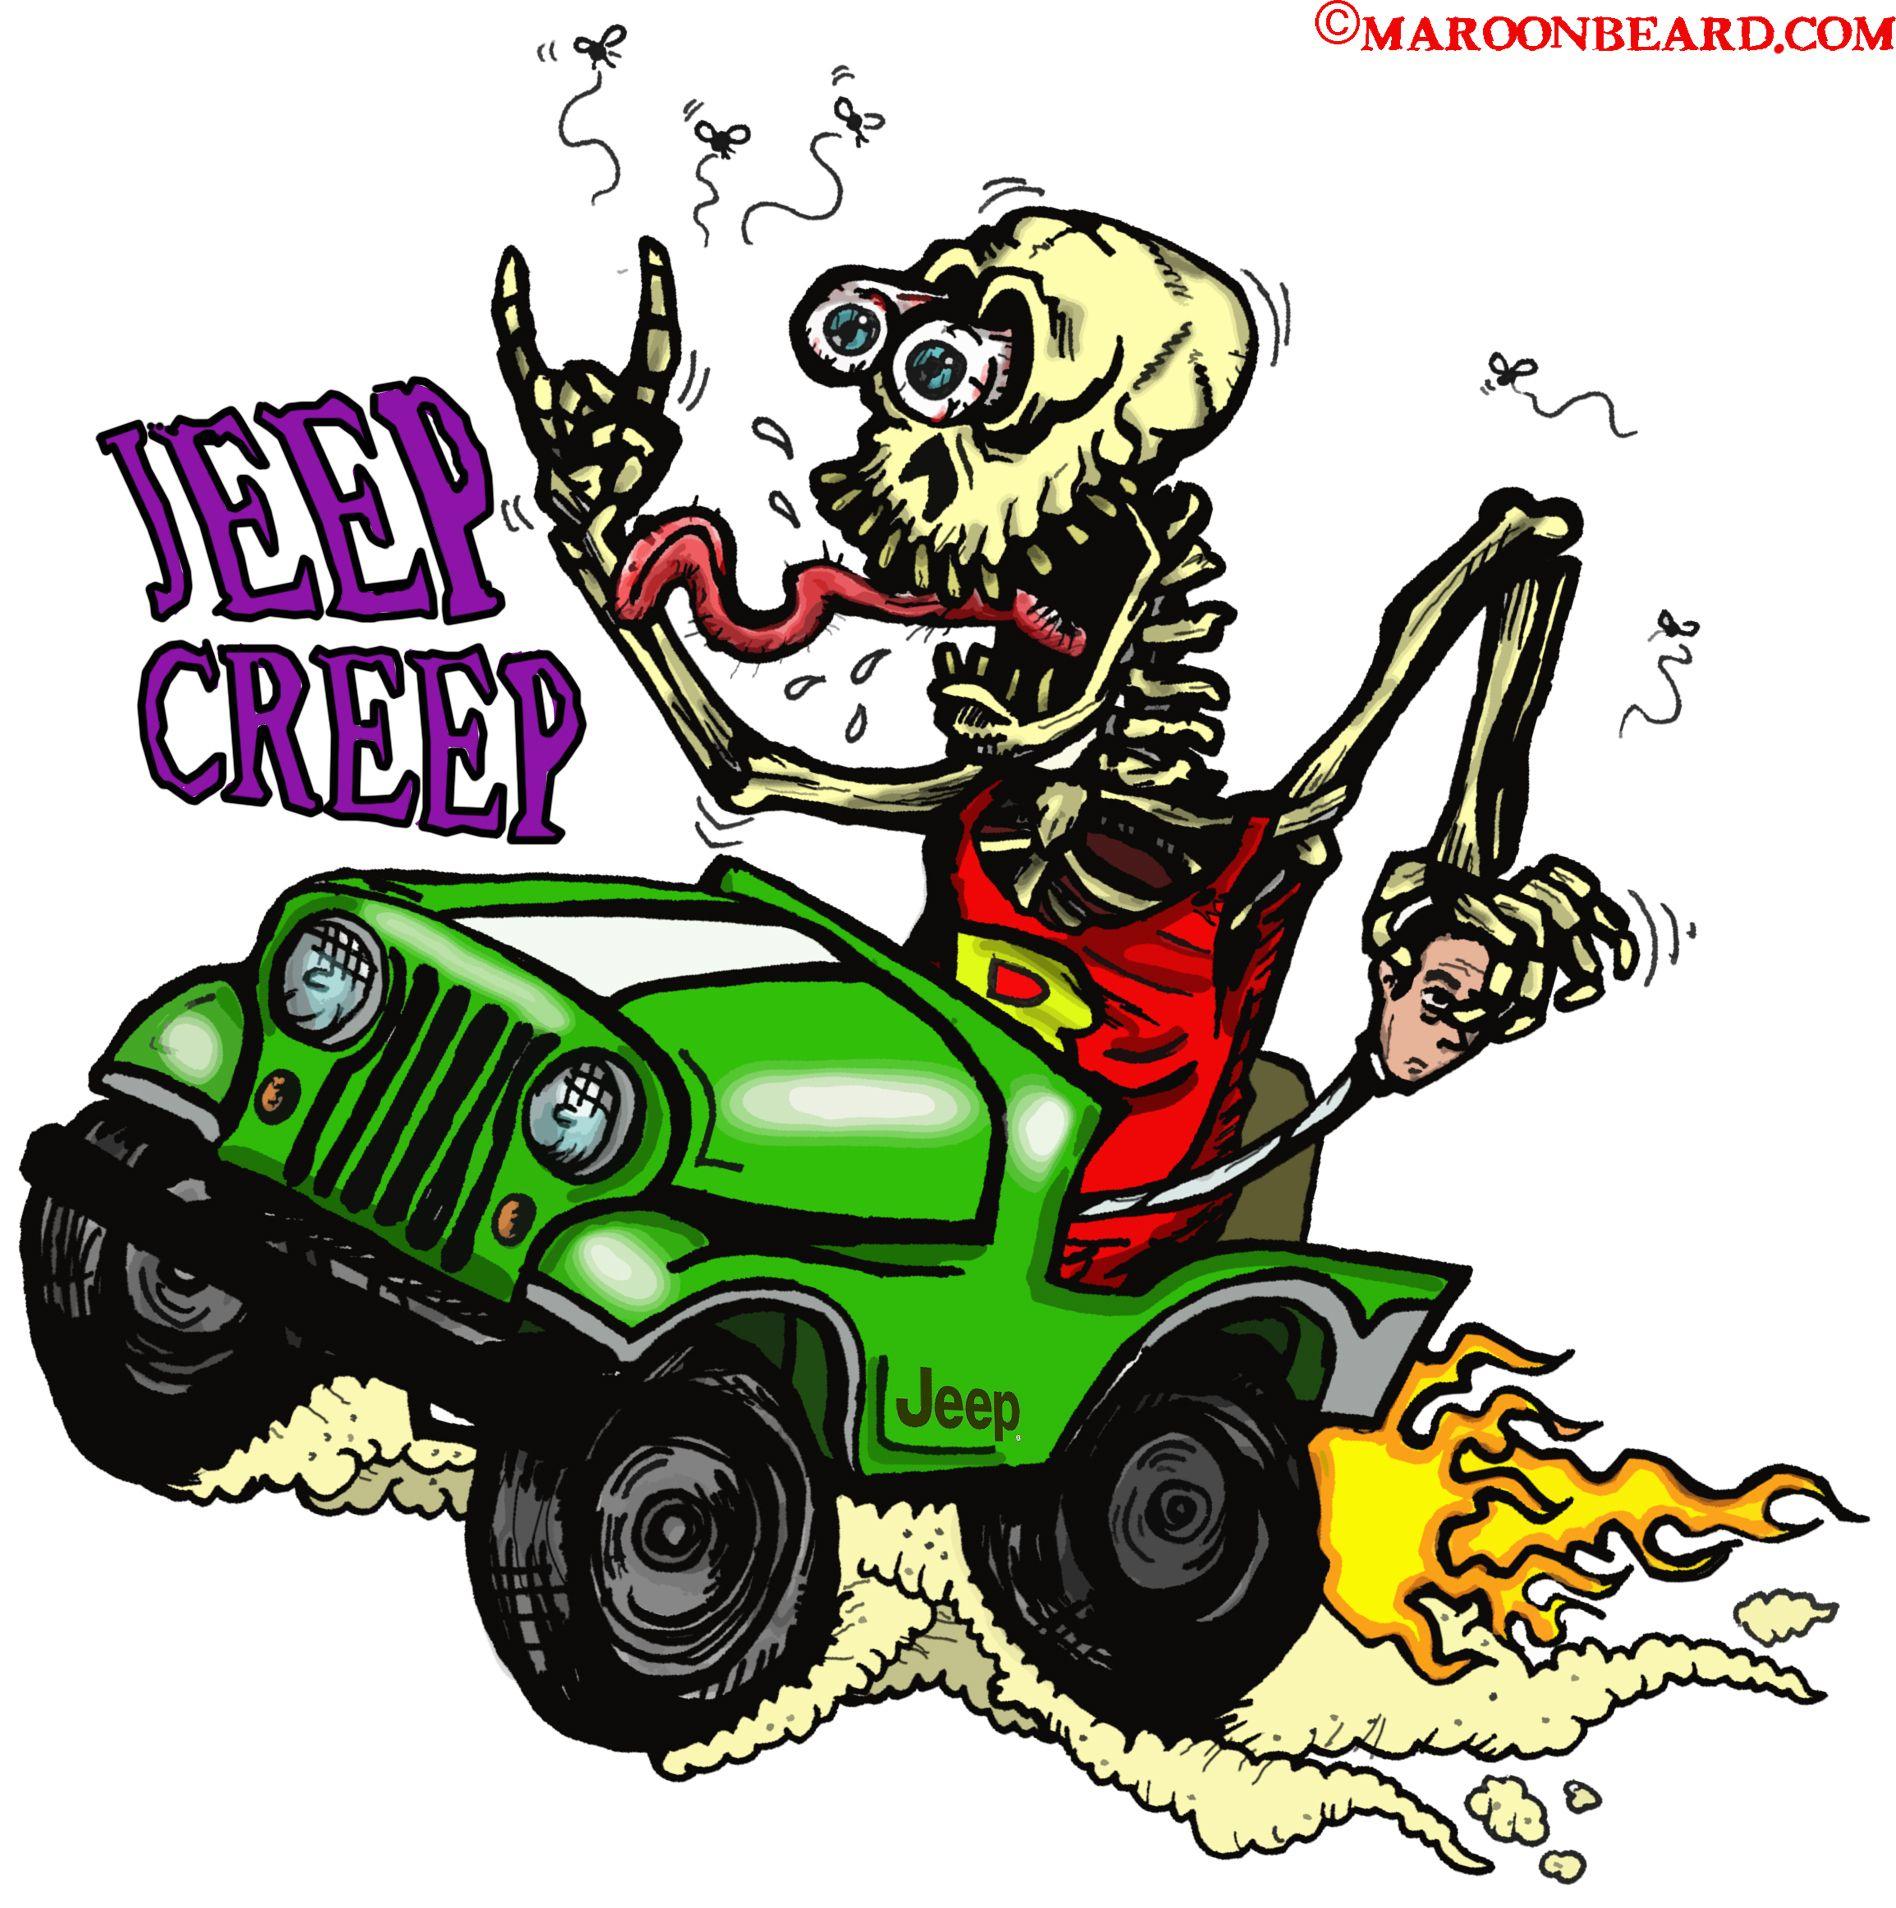 Jeepcreep Rat Rods Truck Rat Rod Rat Fink